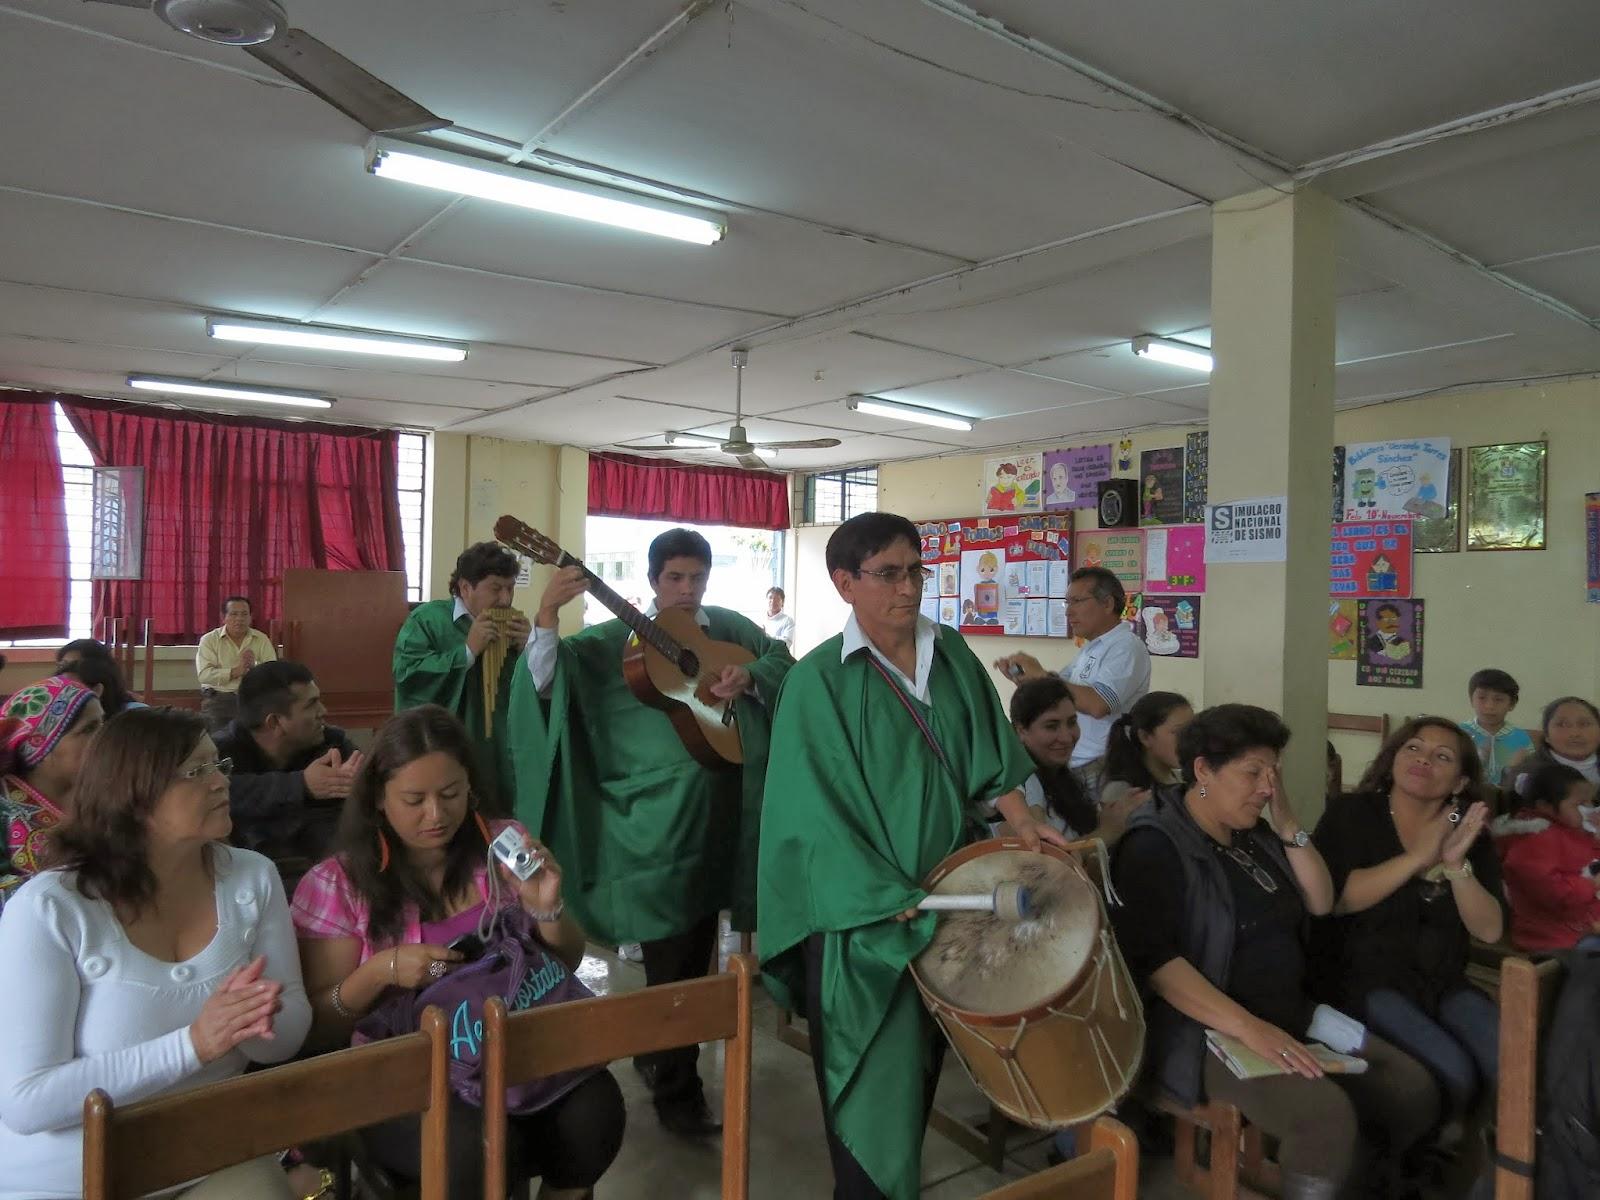 Sute 14 sector exitosa realizacion del ii concurso de for Concurso para maestros